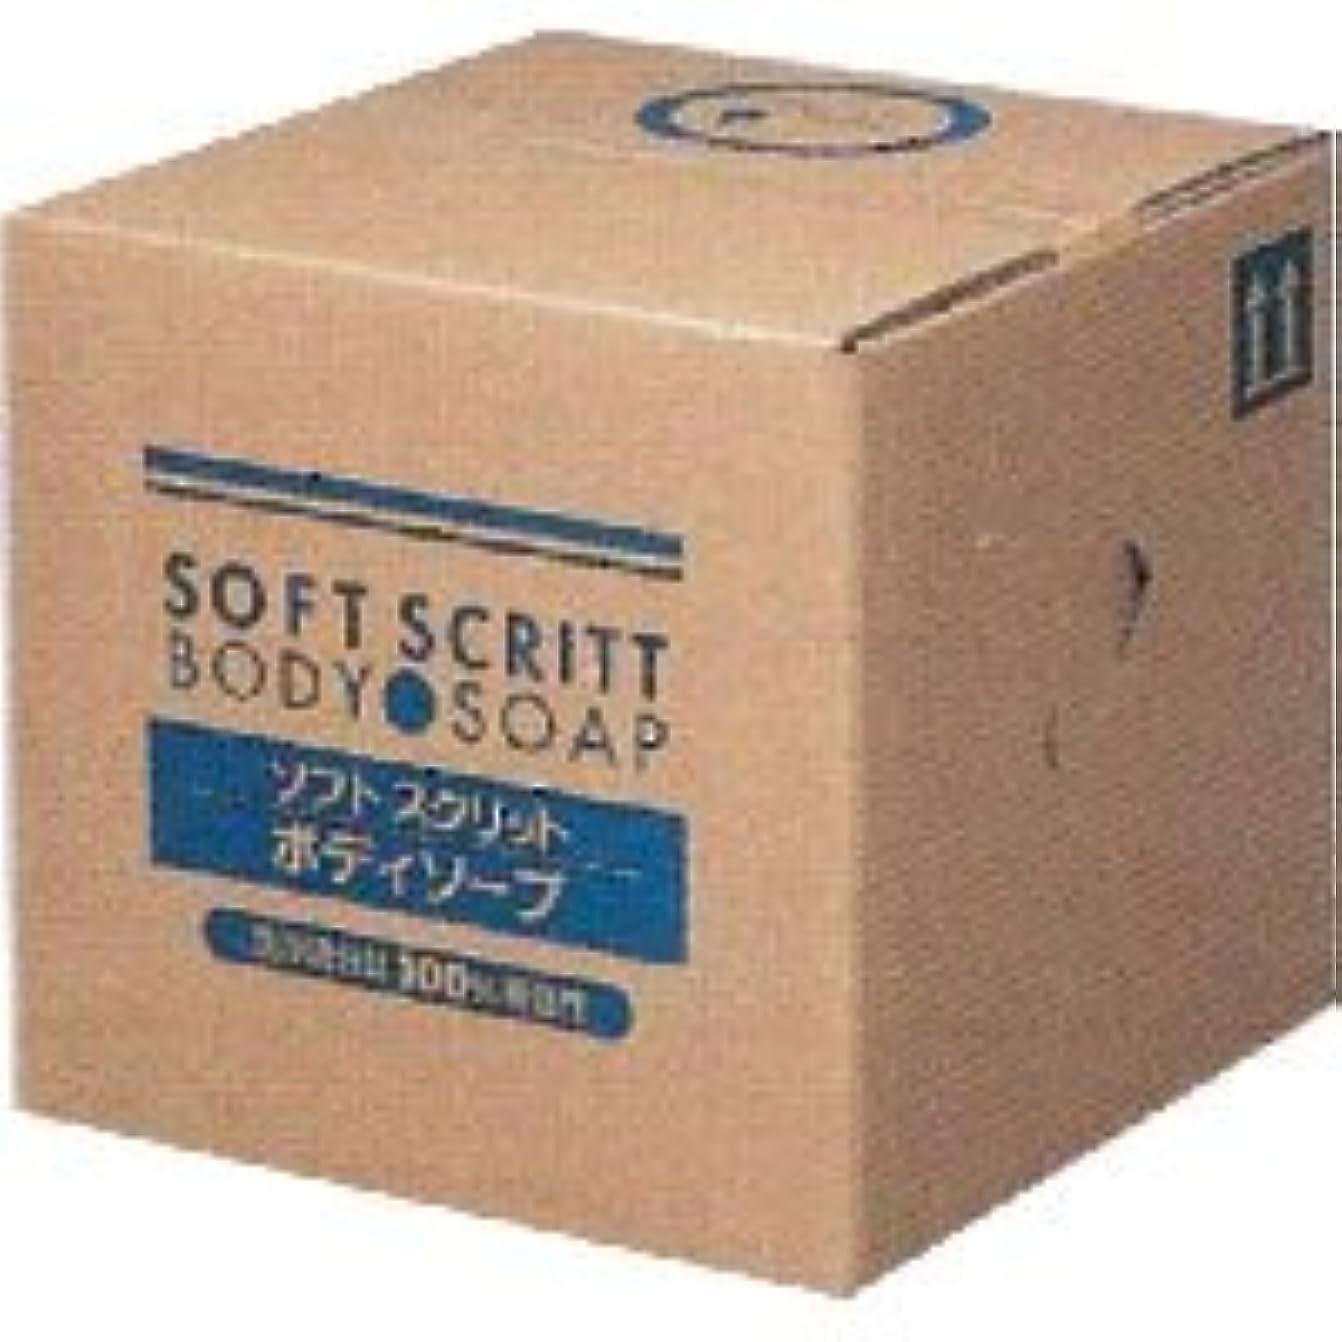 中古栄養傘ソフトスクリットボディソープ18L